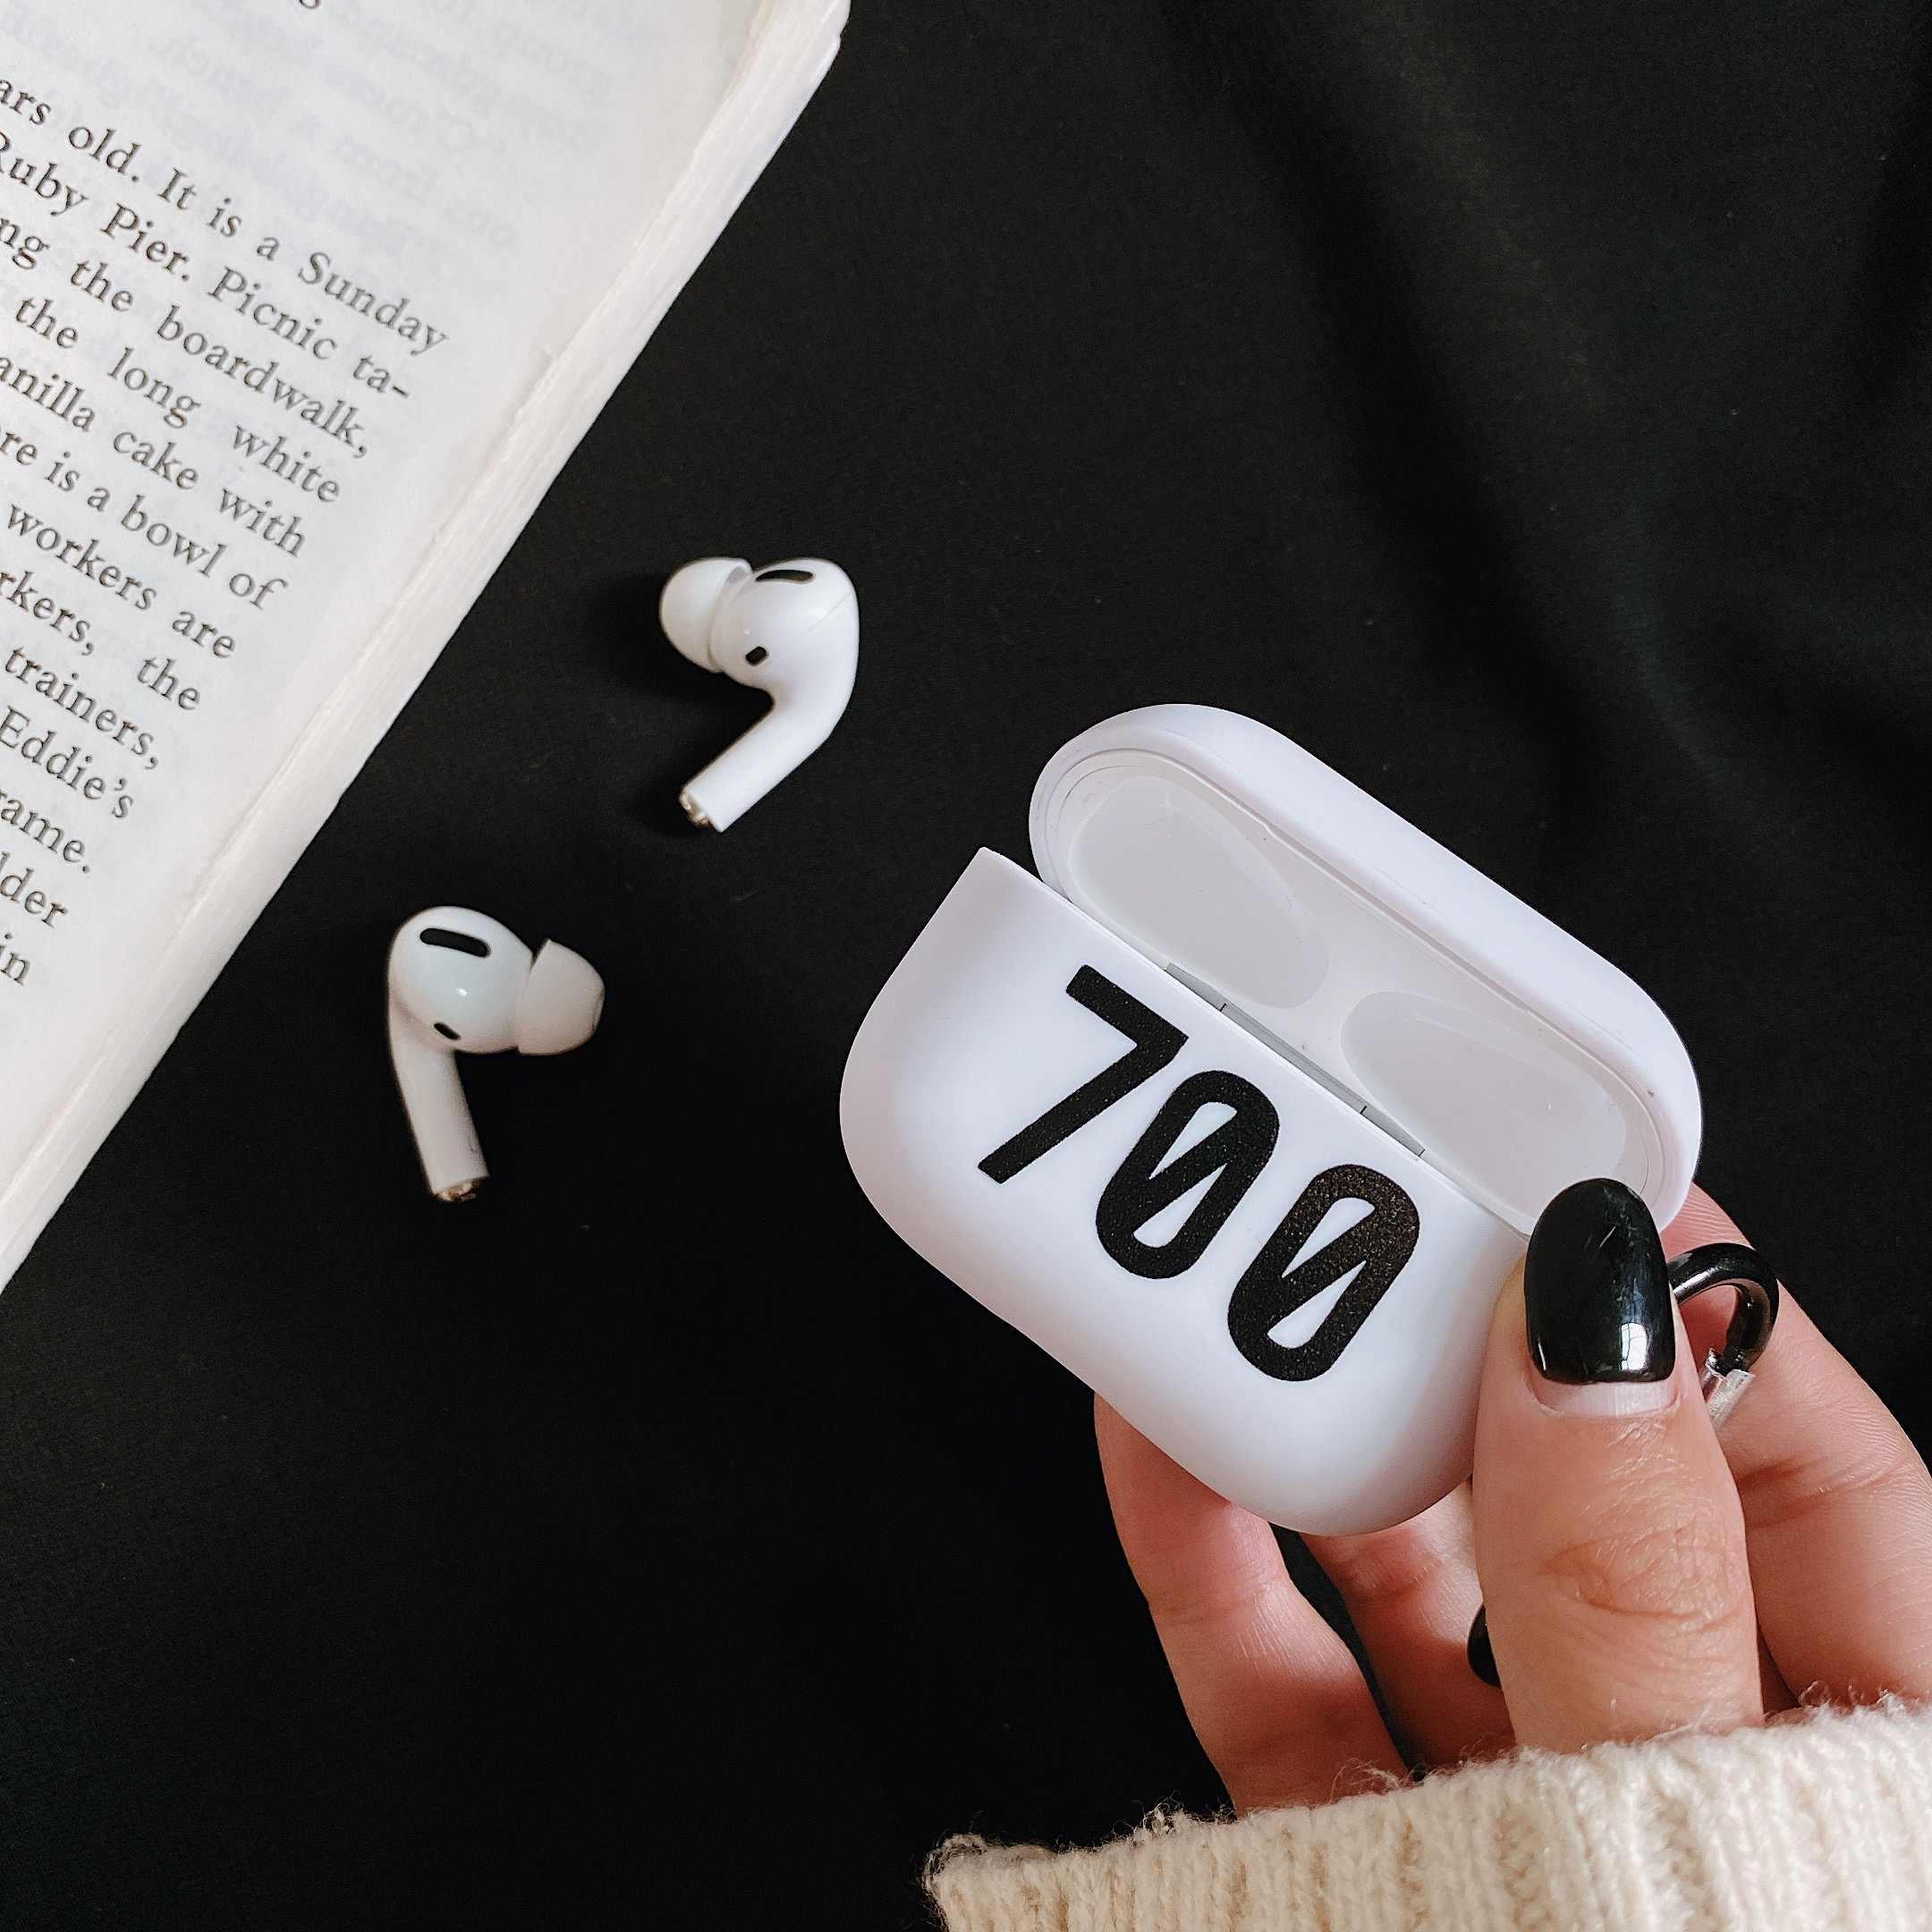 Năm 350 Tăng Cường V2 700 Kanye Hộp Đựng Giày Dẻo Silicone Dành Cho Apple AirPods Tai Pro 3 Bluetooth Không Dây Bảo Vệ Tai Nghe Chụp Tai Bao móc Khóa